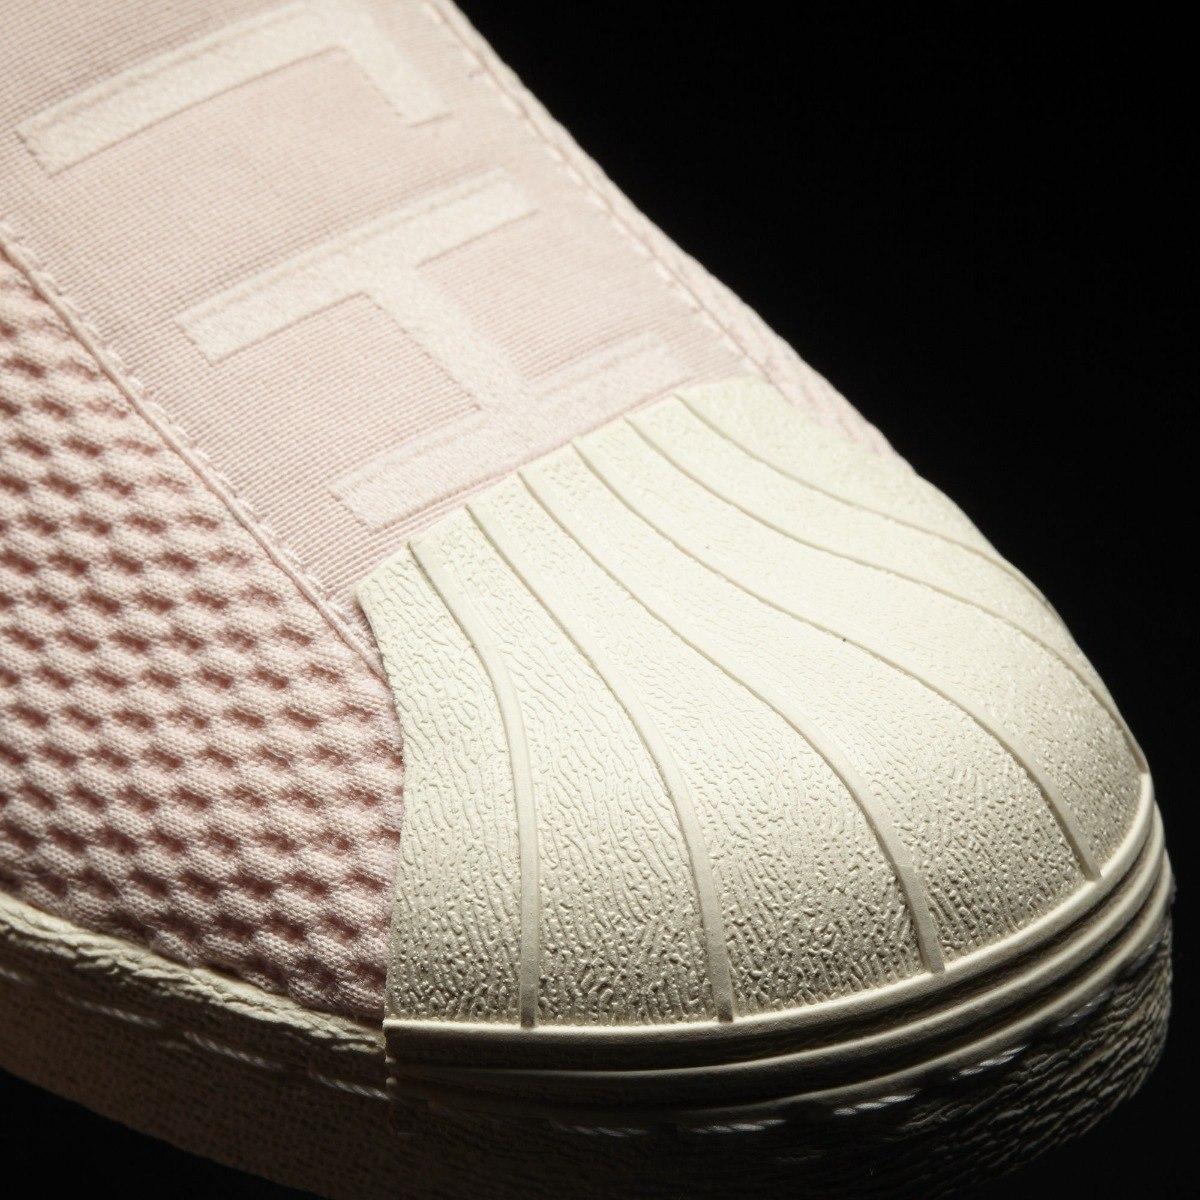 cd02ee748b novo lançamento tênis adidas superstar slip bw original. Carregando zoom.